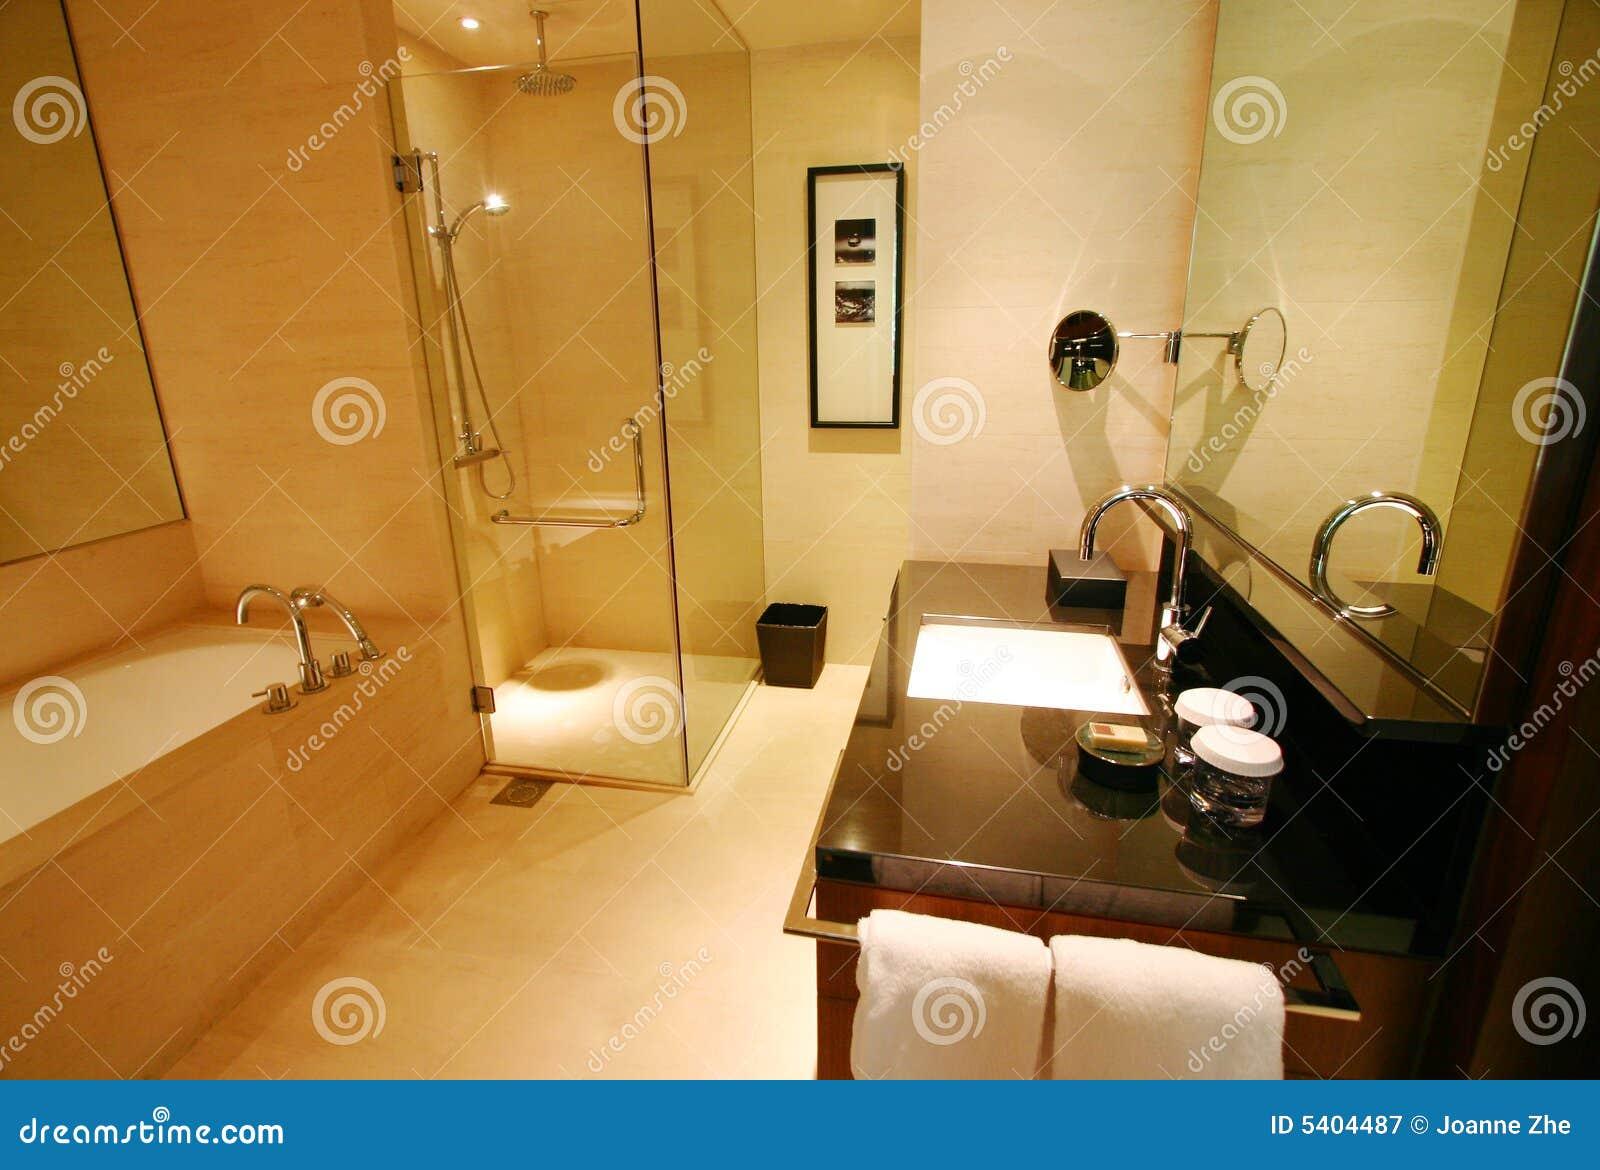 Banheiro Do Hotel De Luxo Novo Fotografia de Stock Royalty Free  #744514 1300x968 Banheiro De Hotel De Luxo